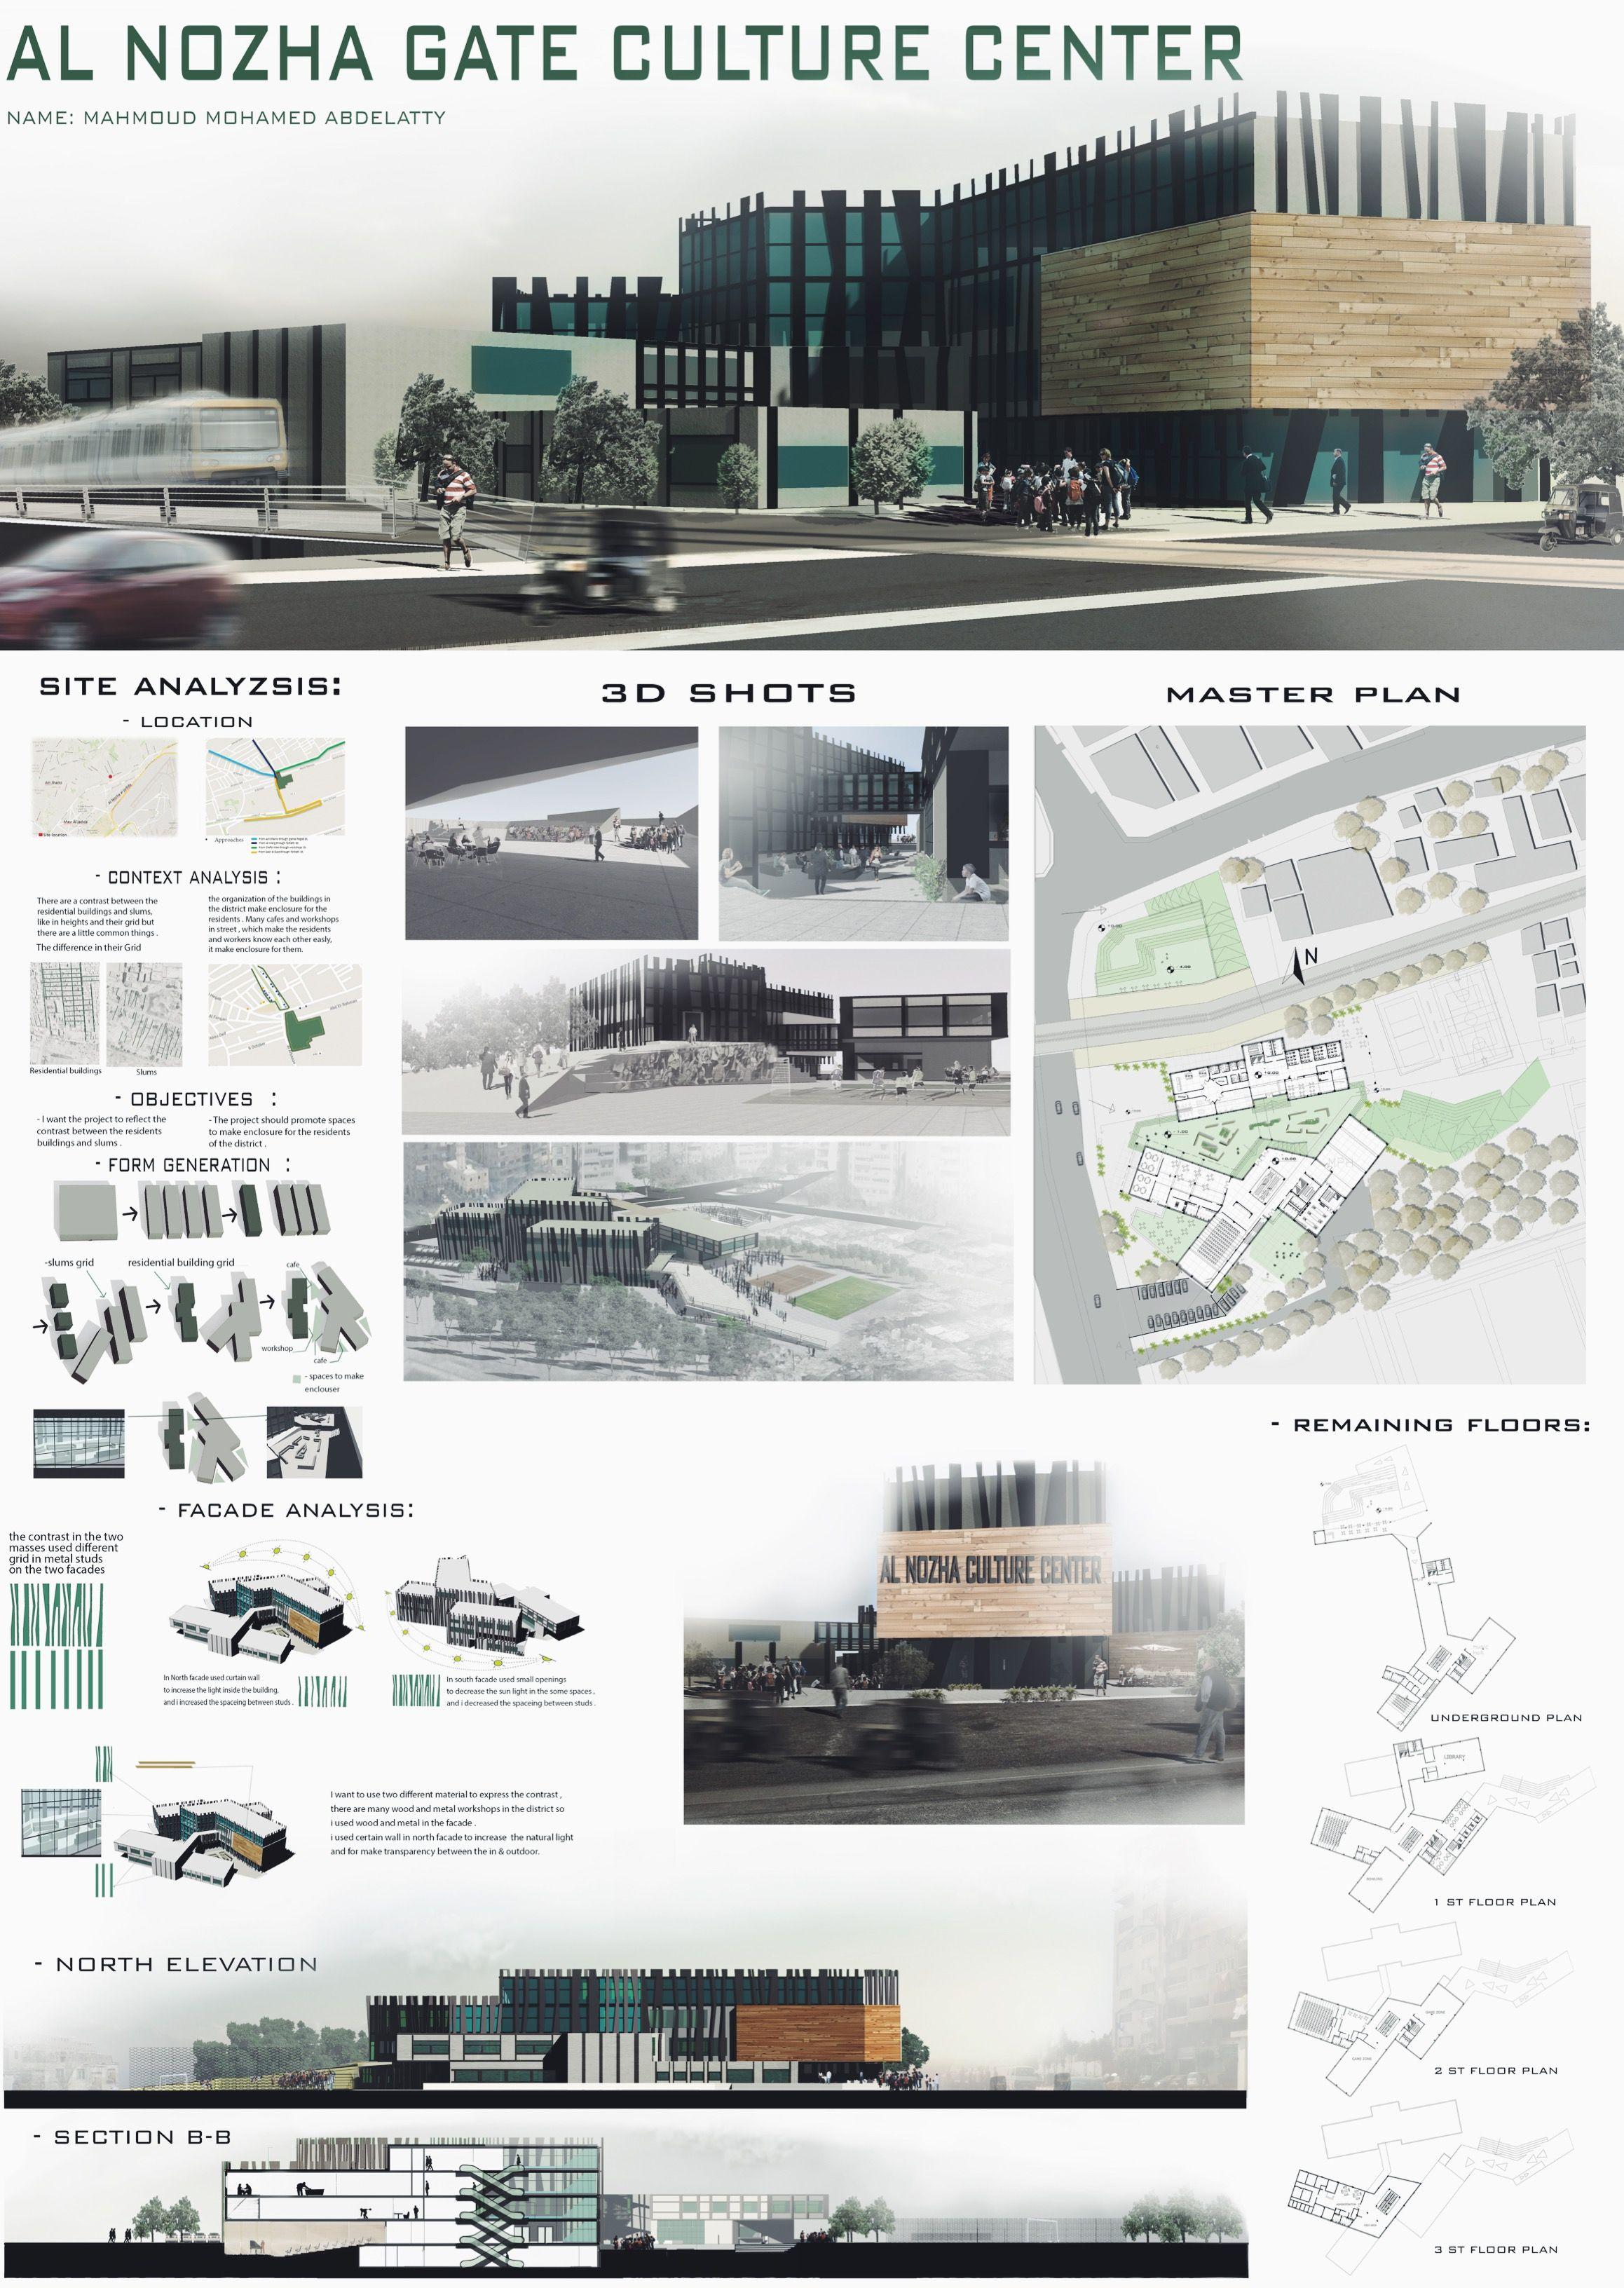 Architecture Design Sheet Format culture center al nozha gate - egypt , project boardmahmoud